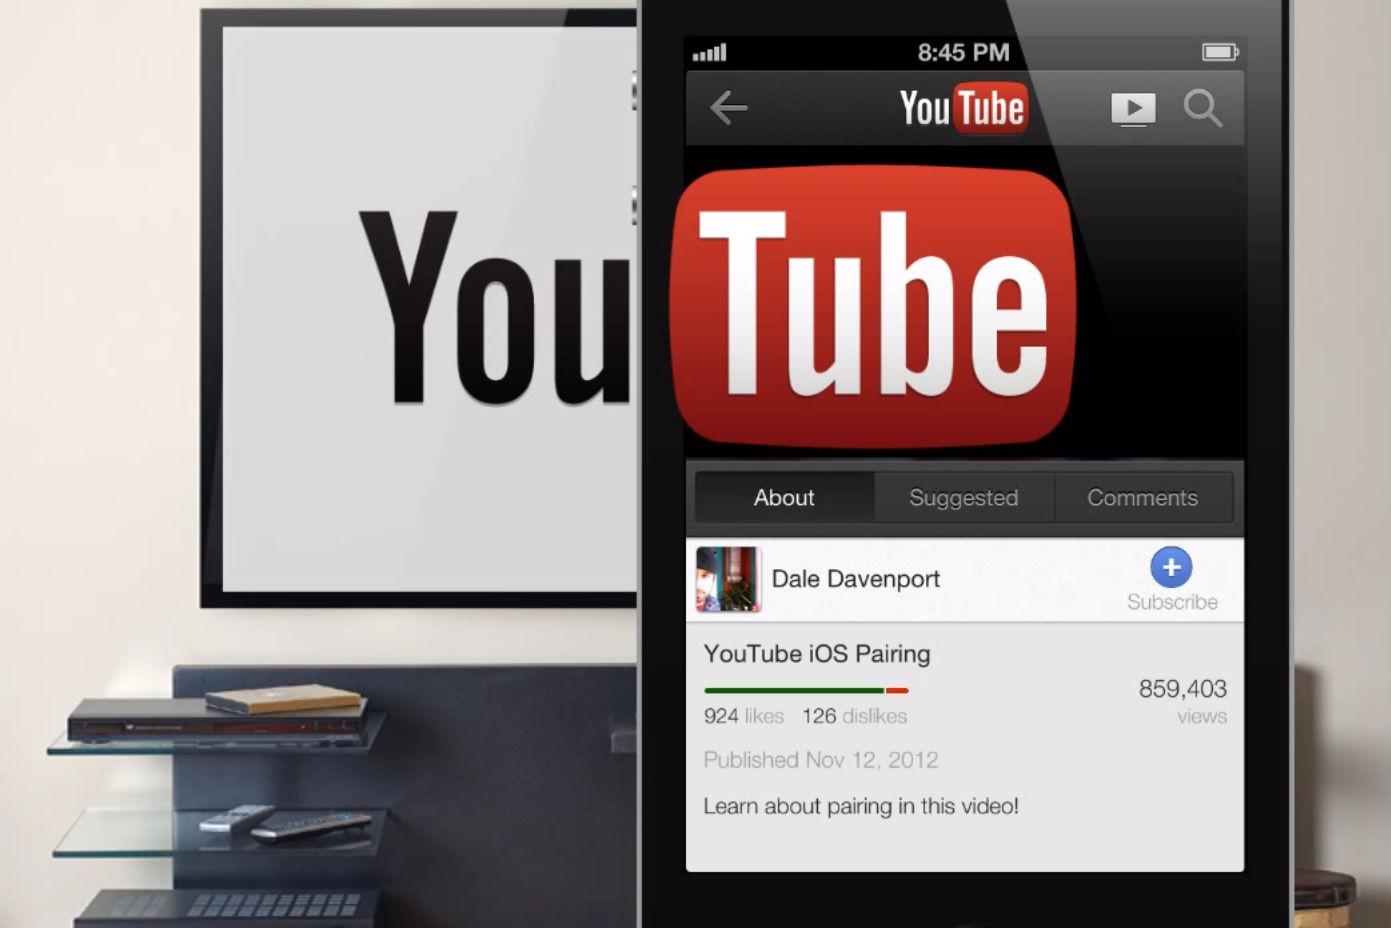 youtube send to tv - L'application YouTube envoie la vidéo directement sur votre téléviseur